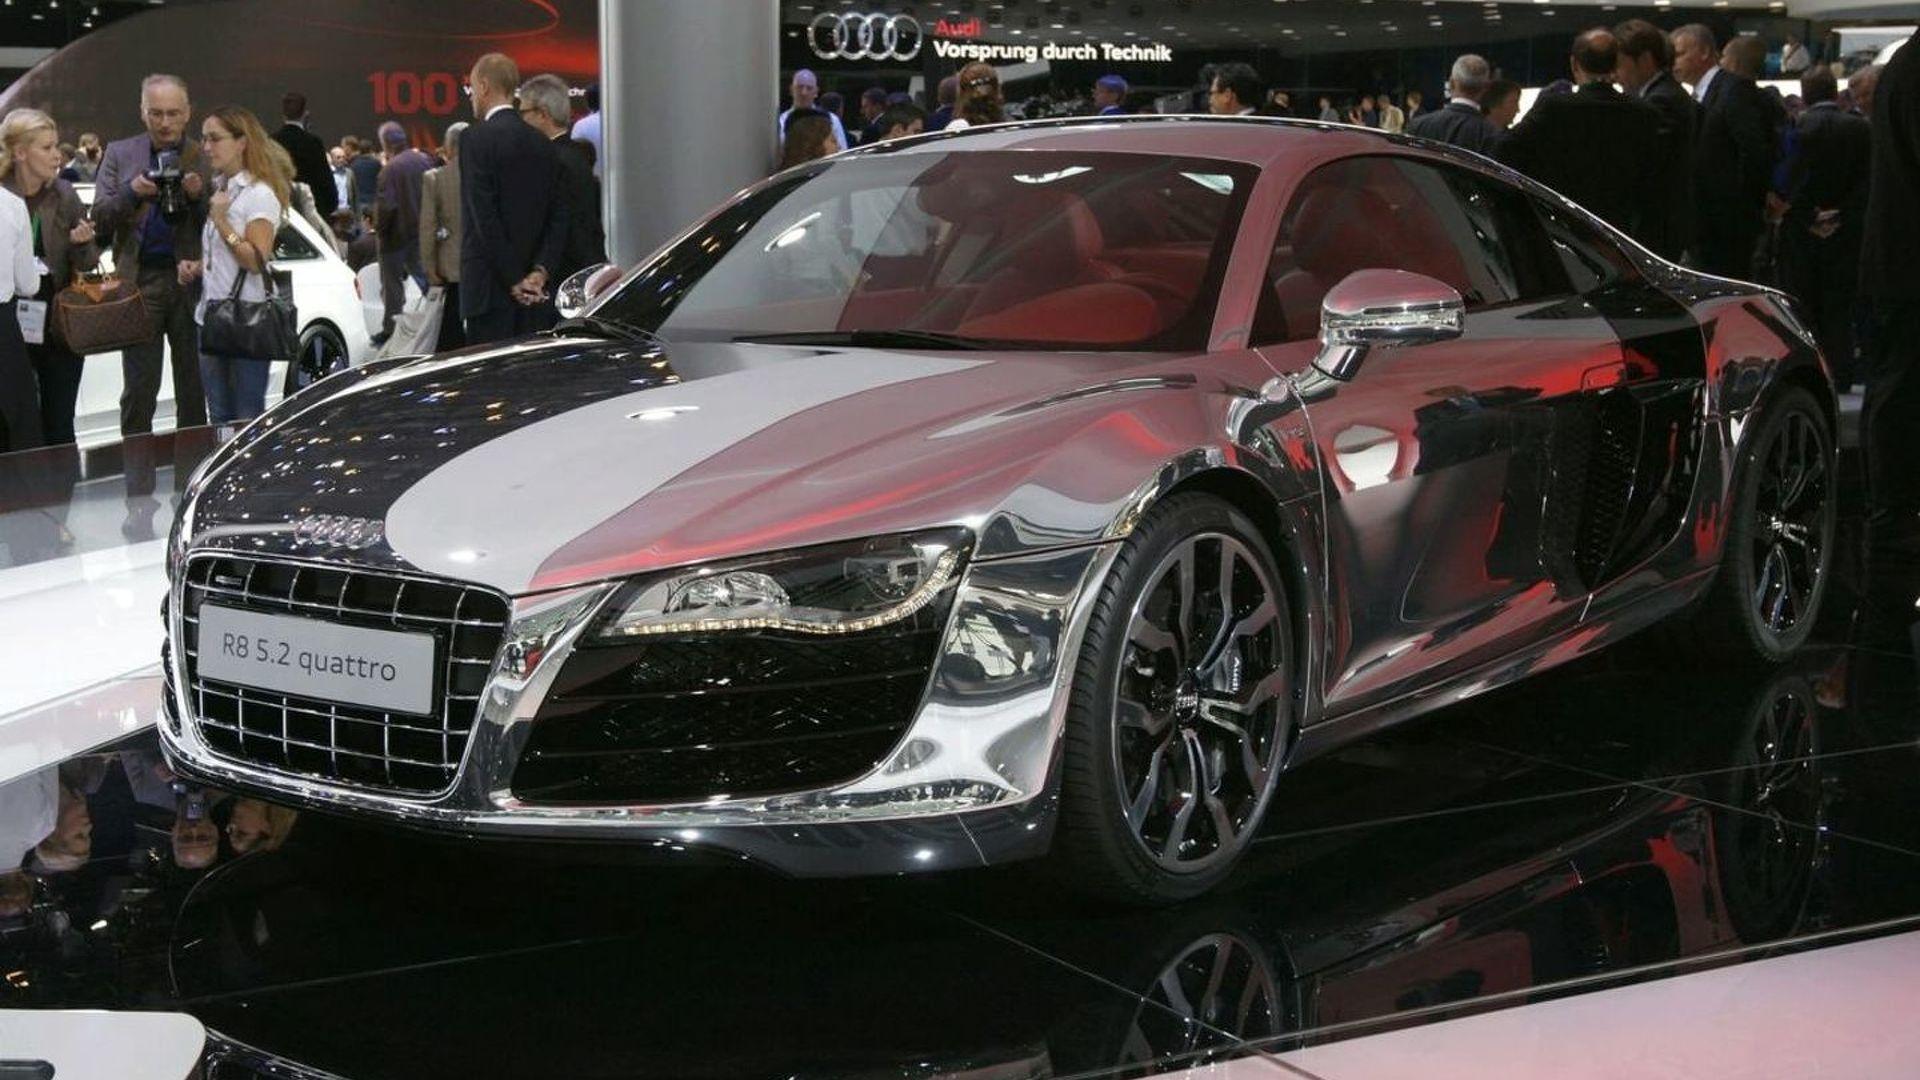 Audi R FSI Quattro Dressed In Chrome Displayed In Frankfurt - Audi r8 quattro